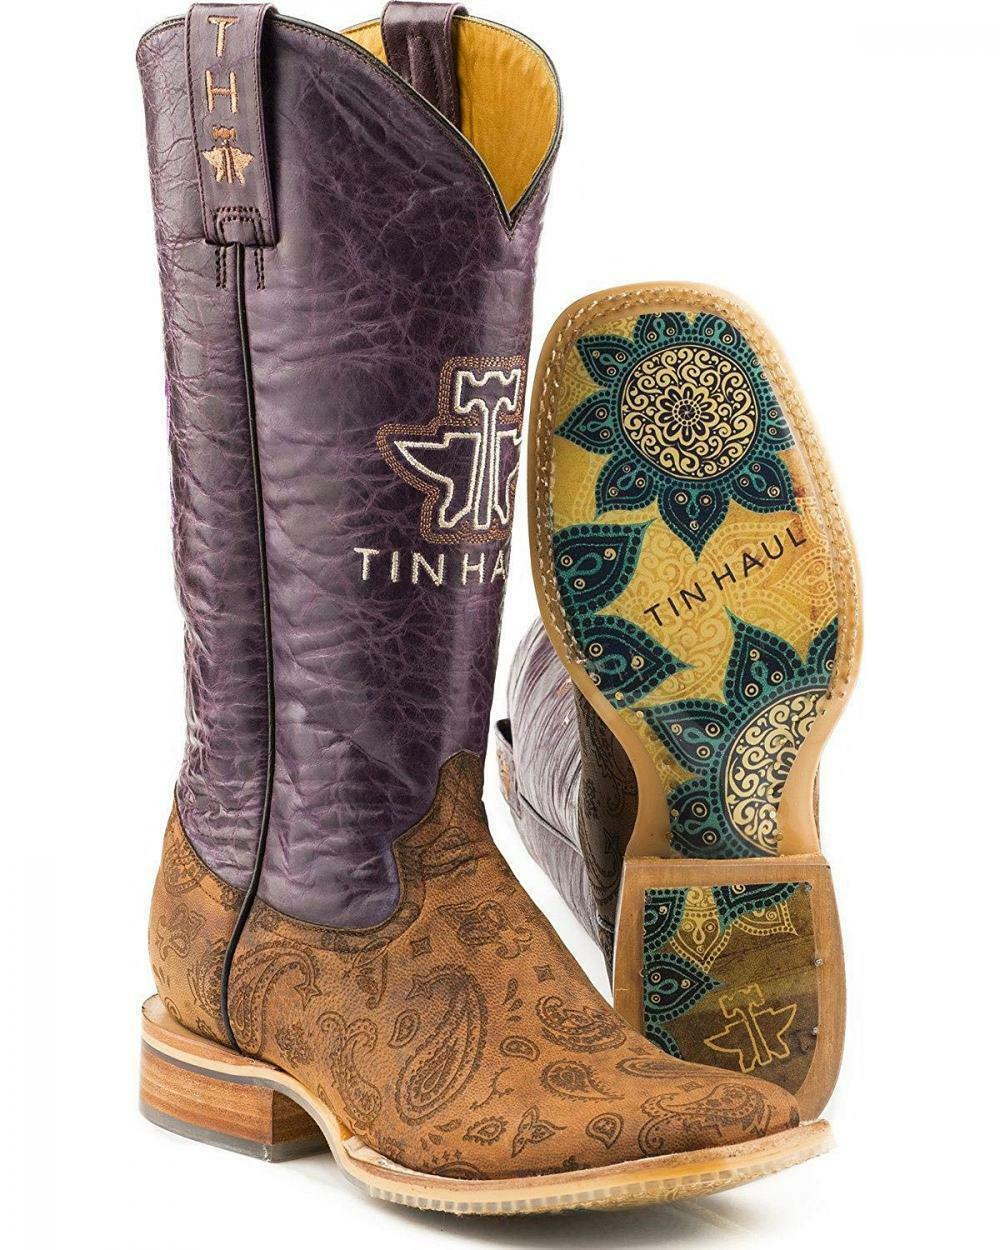 Nuevo en caja para mujer Tin Haul Paisley botas de de de lluvia con Flowerful suela hecho a mano Talla 7  sorteos de estadio